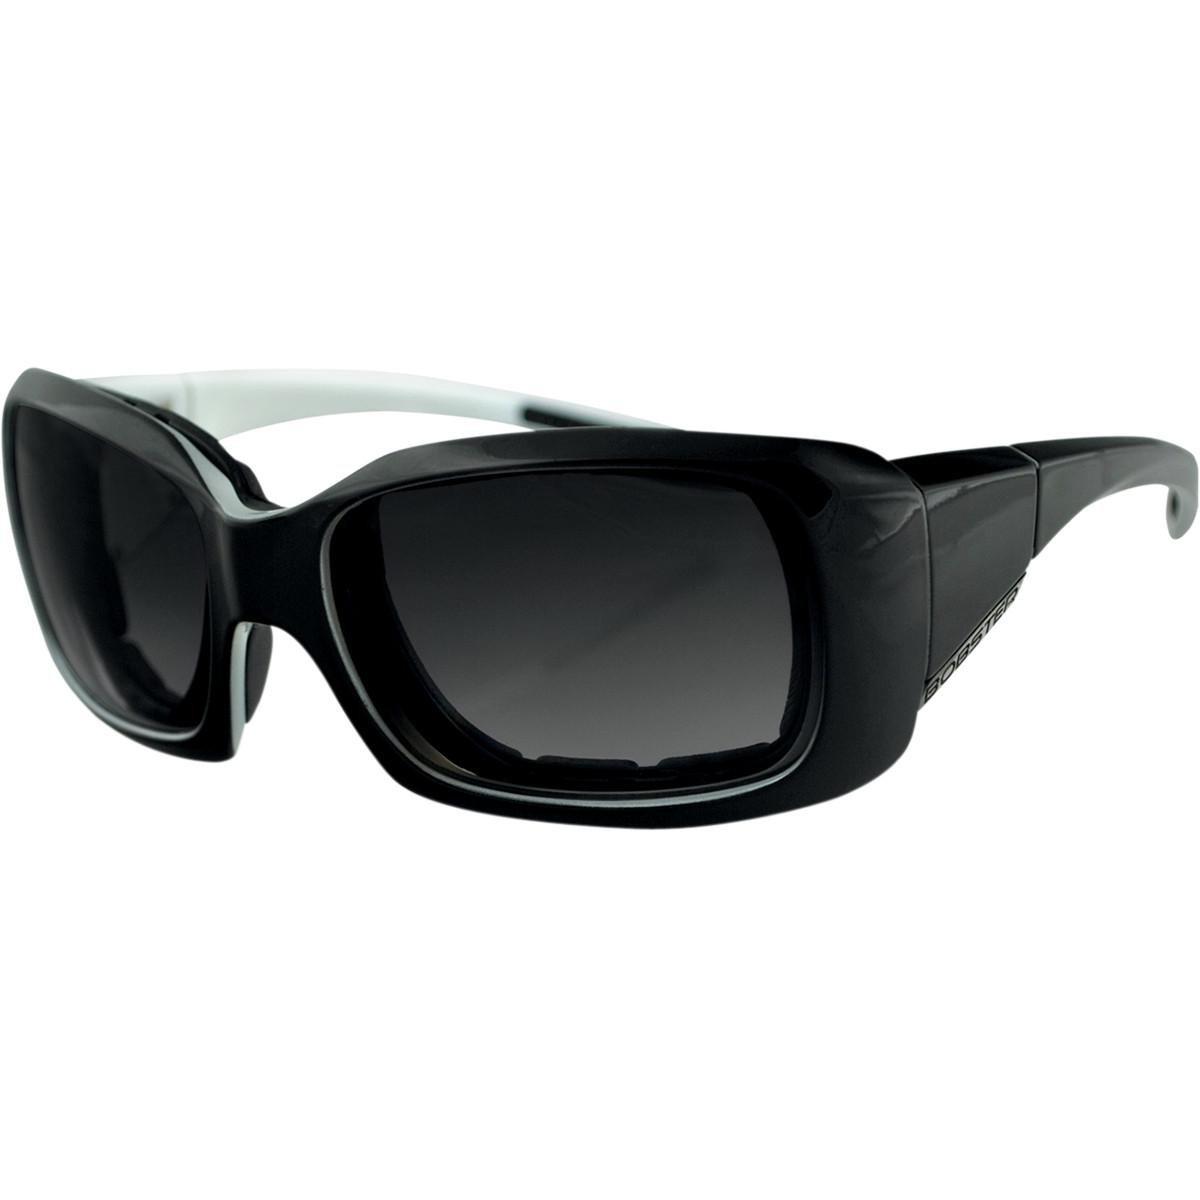 Bobster Ava Convertible Rectangular Sunglasses, Black & White Frame/Smoked Anti Fog Lens, One Size